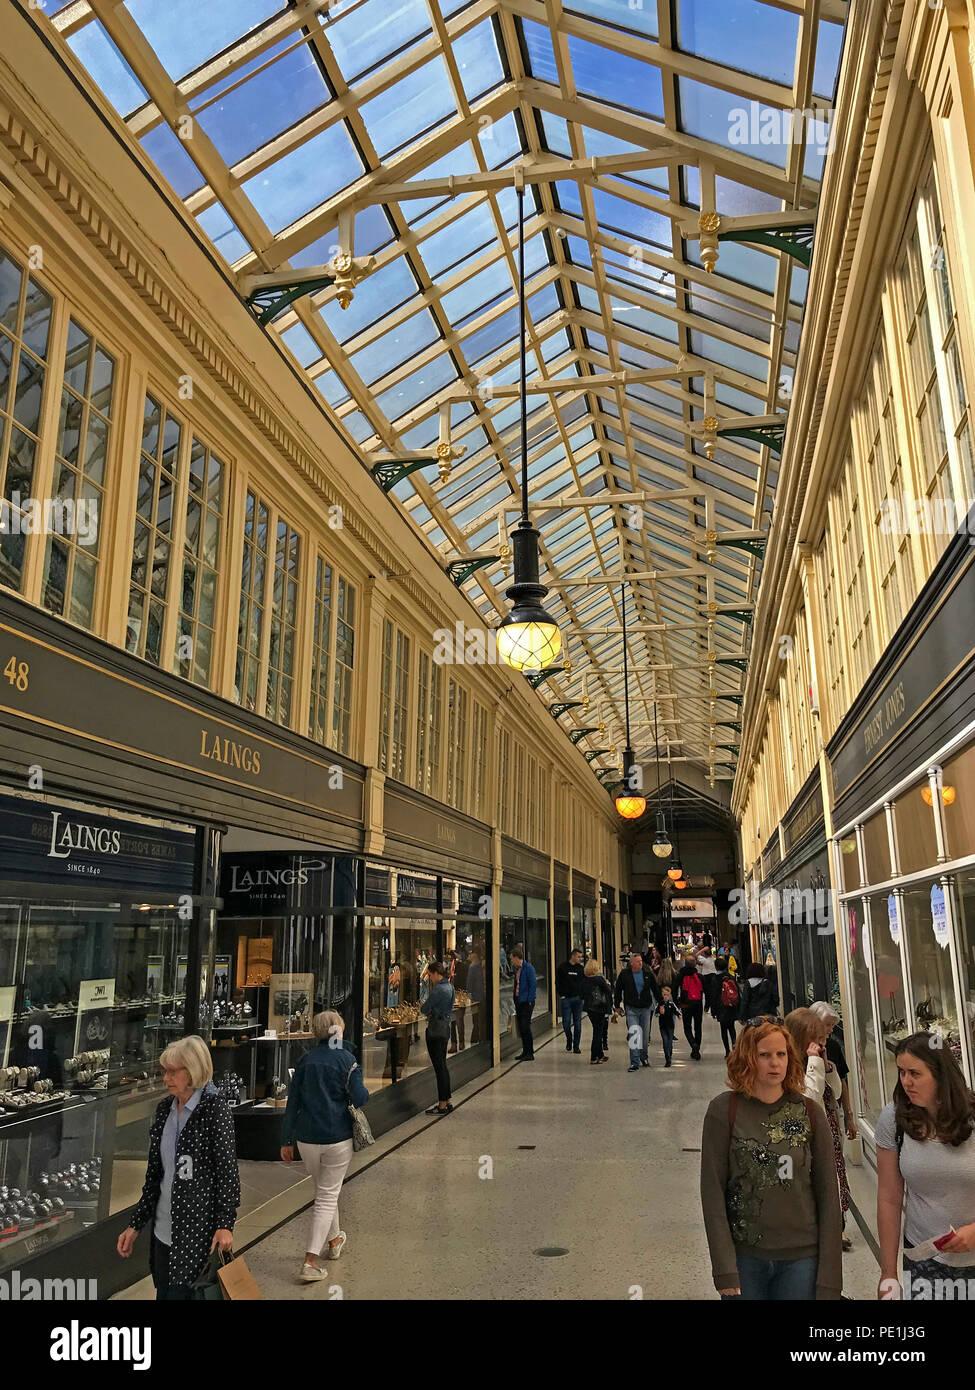 Laden Sie dieses Alamy Stockfoto Argyll Arcade, Argyll Street, Glasgow, Strathcylde, Schottland, Großbritannien - PE1J3G